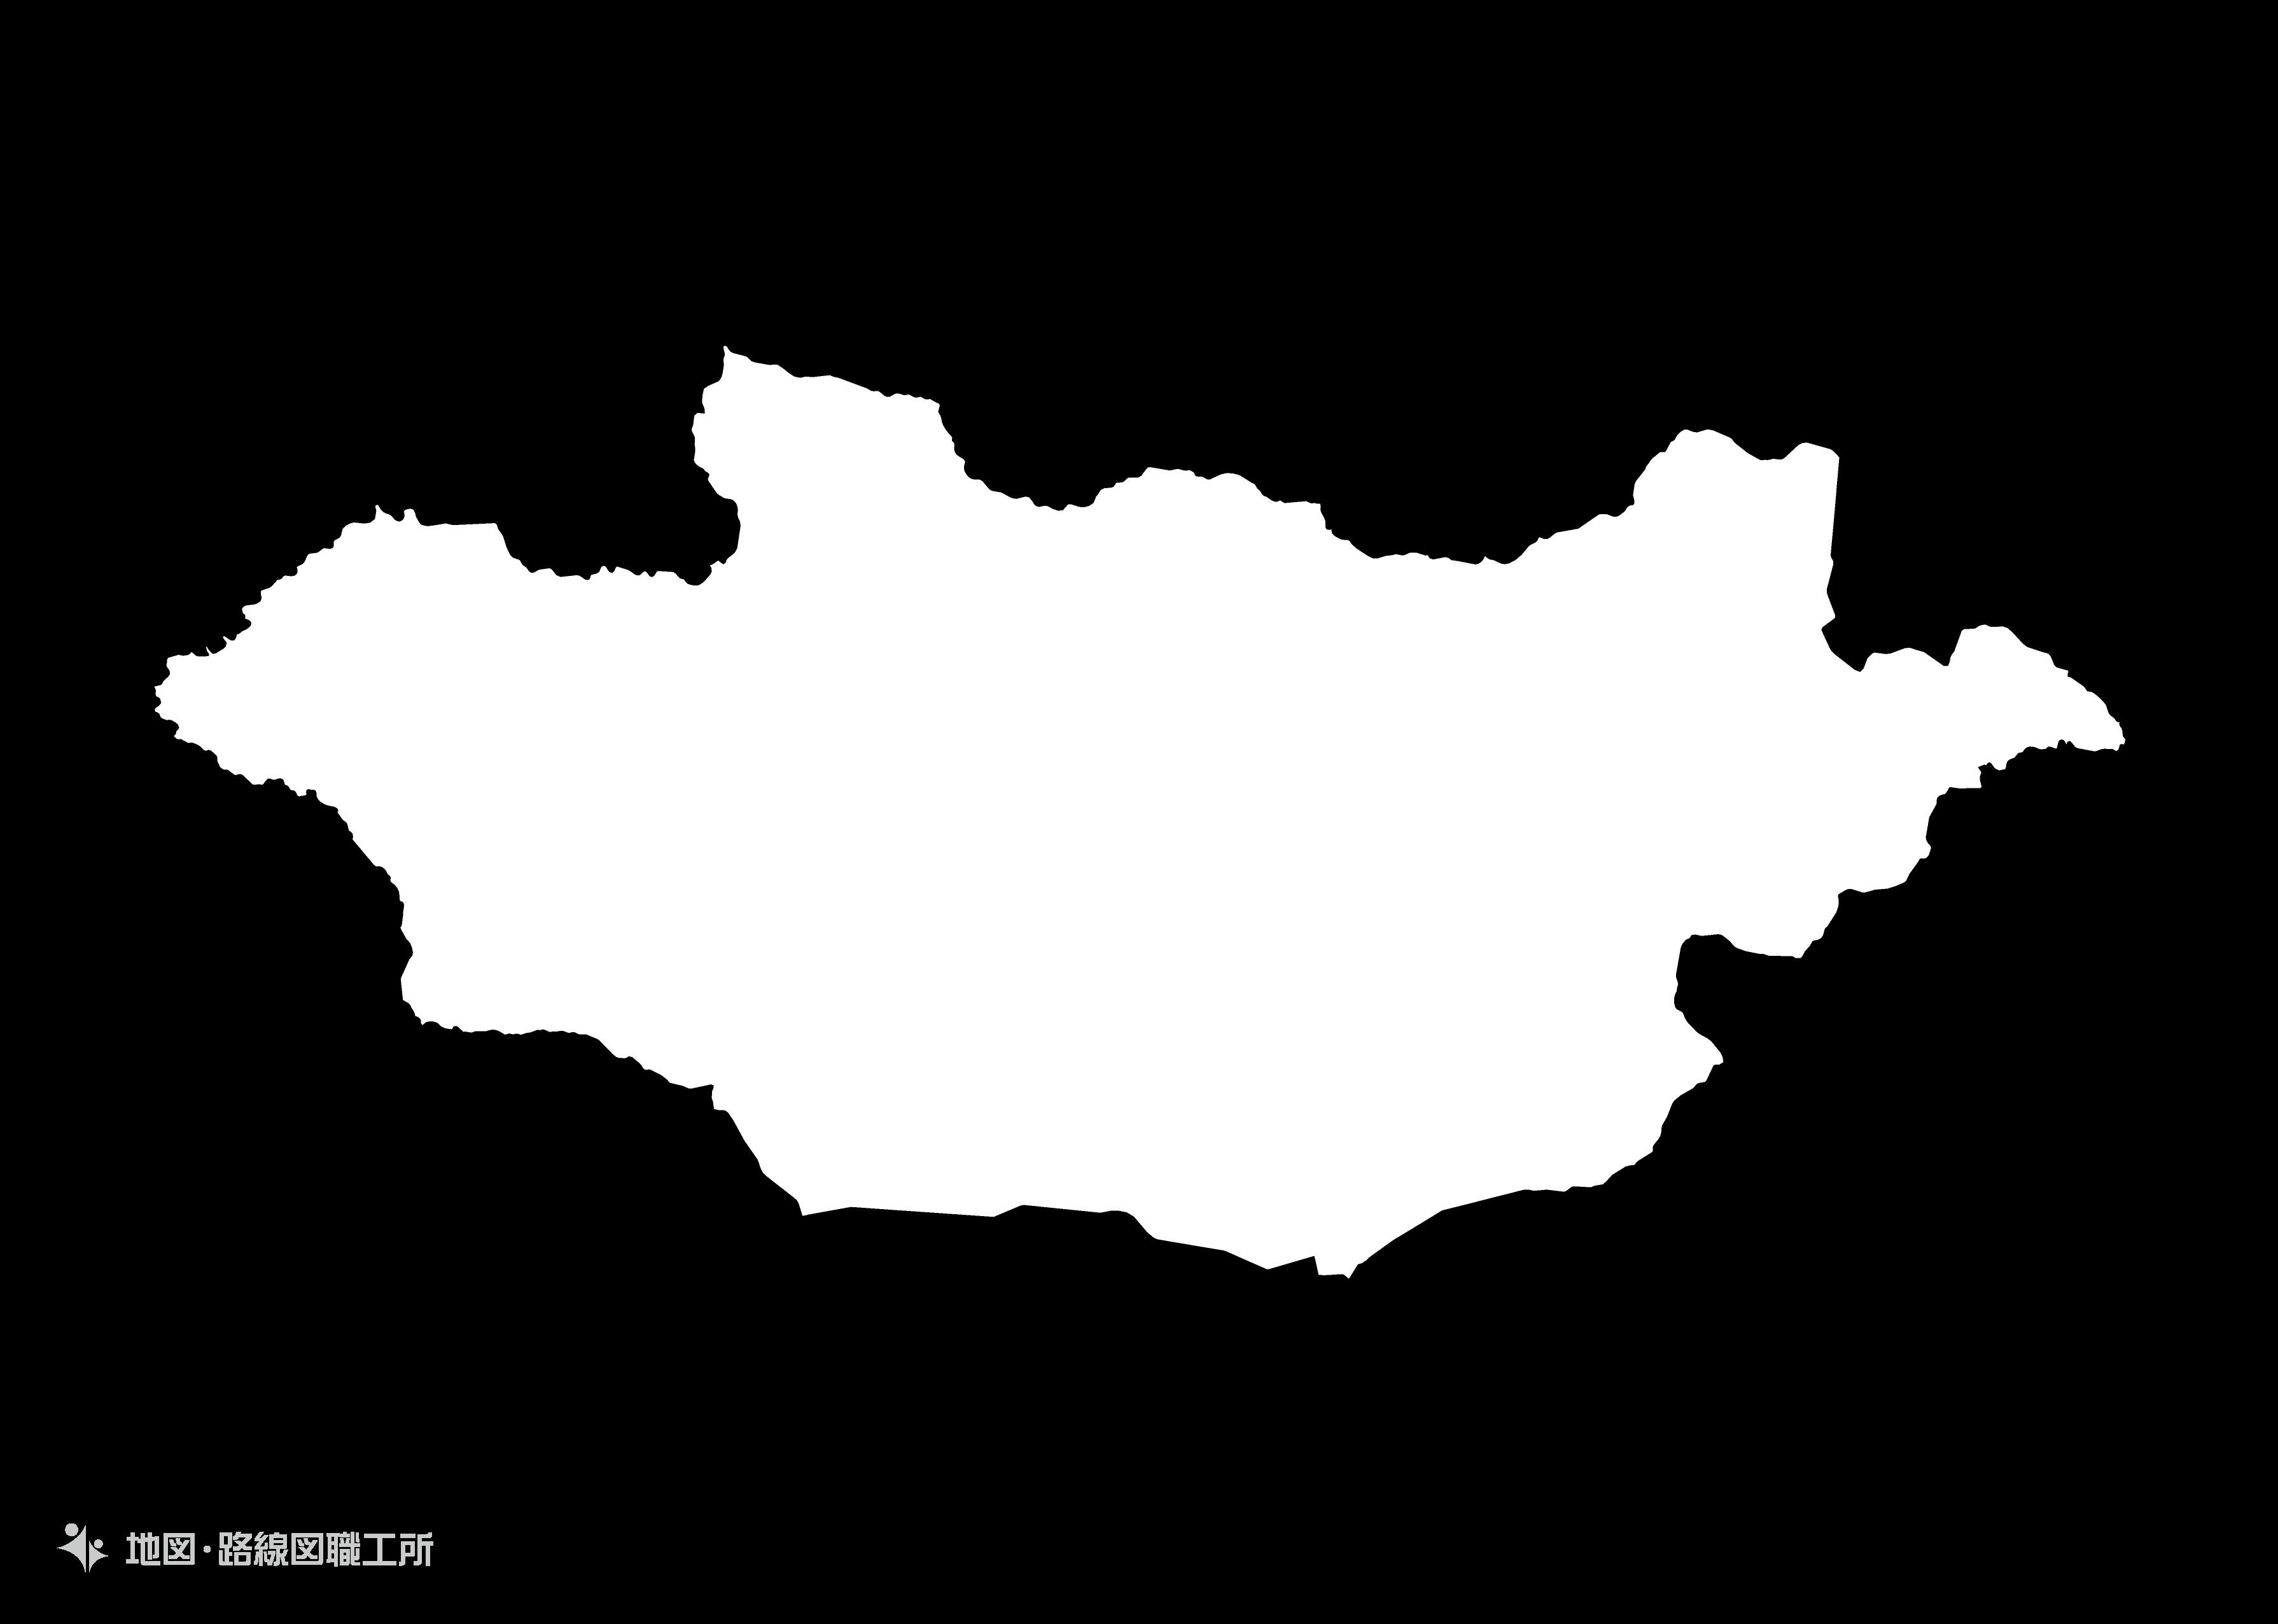 世界の白地図 モンゴル国 mongolia map